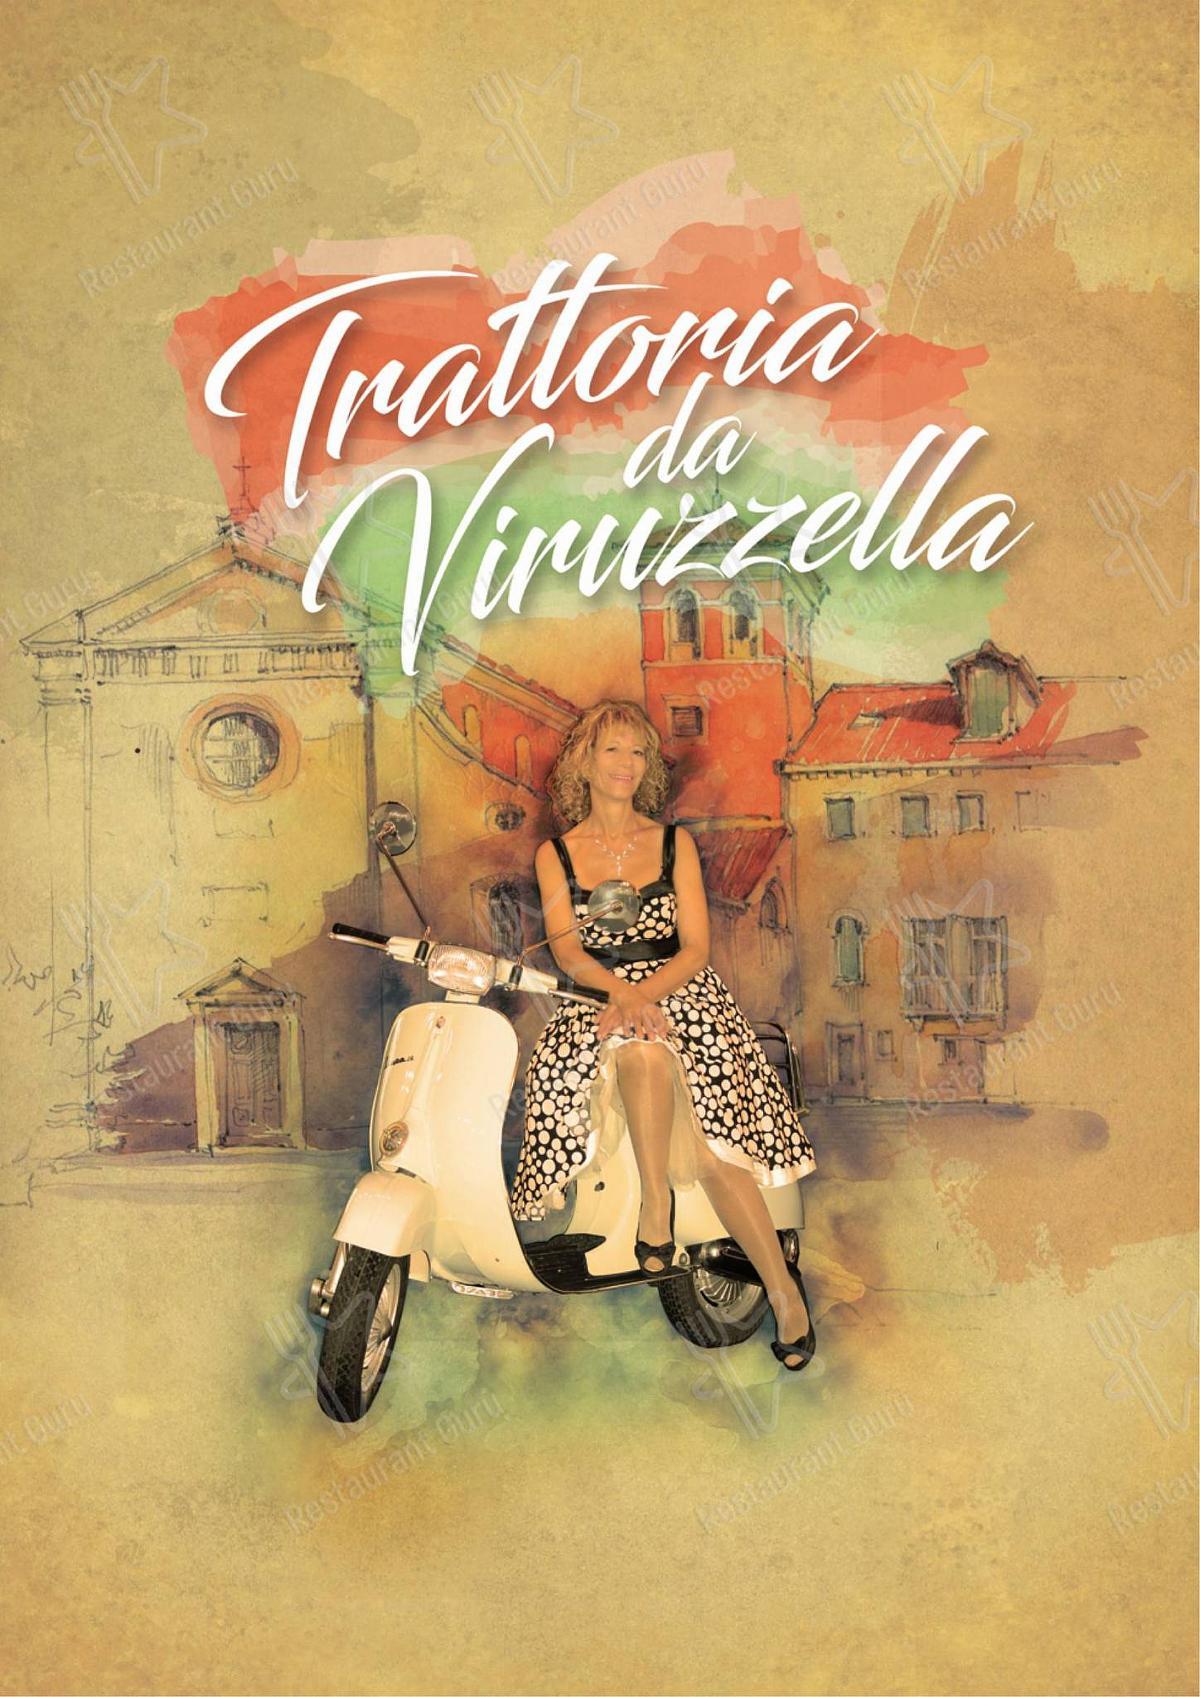 Взгляните на меню Trattoria da Viruzzella